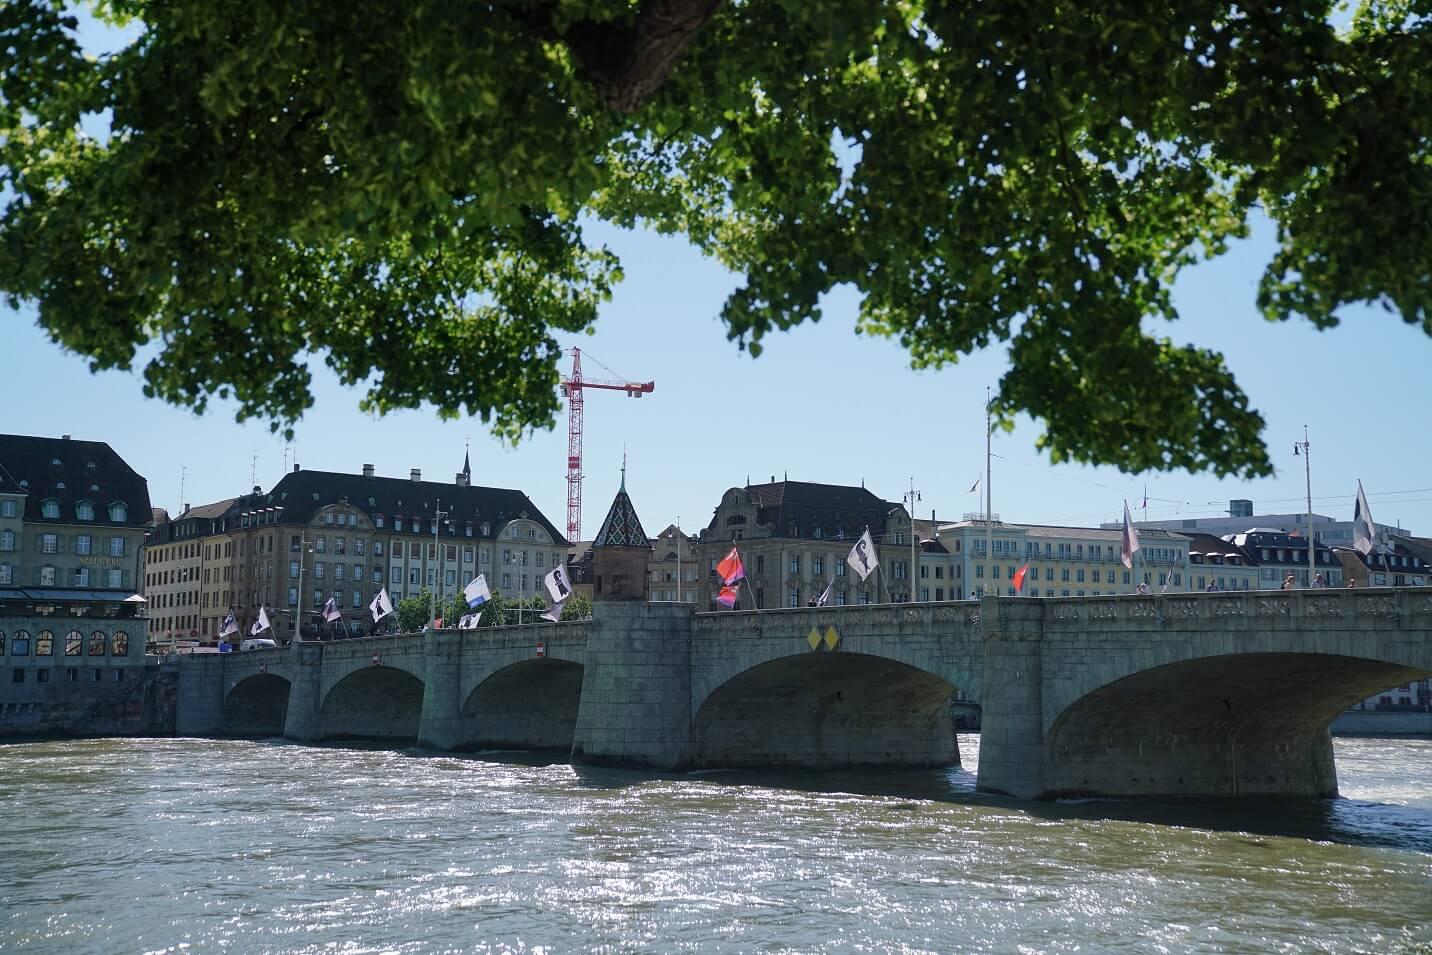 萊茵河上連接兩岸的橋,讓Angelika聯想起曾打趣說維港再填海的話,香港島與九龍靠一條橋就能相連。